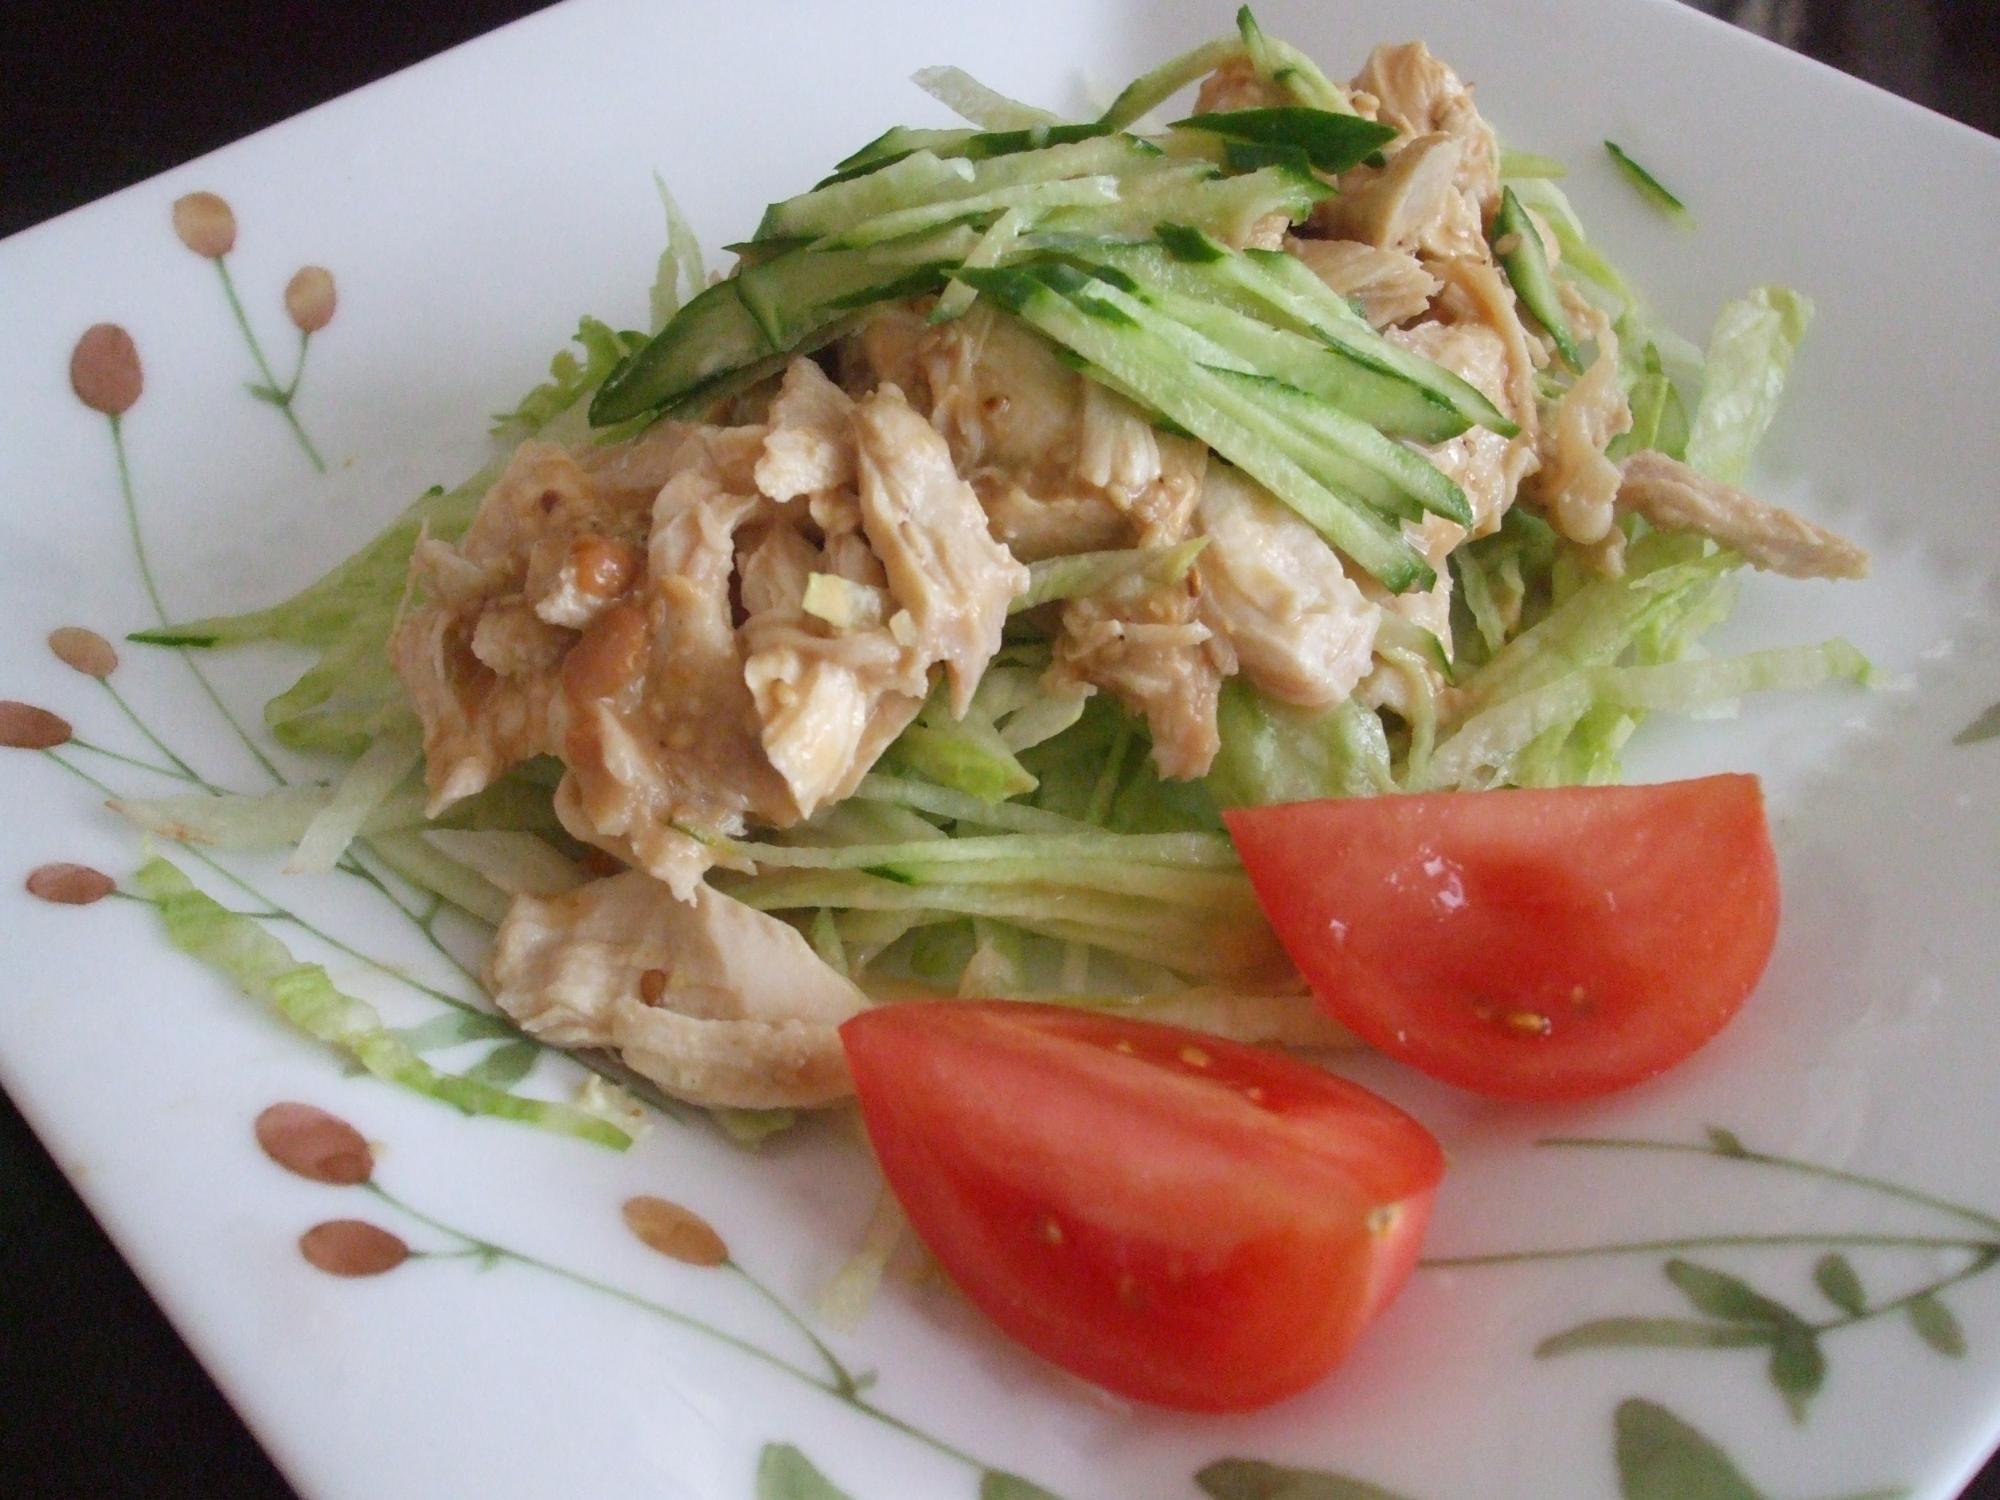 鶏ささみのバンバンジー風サラダ☆